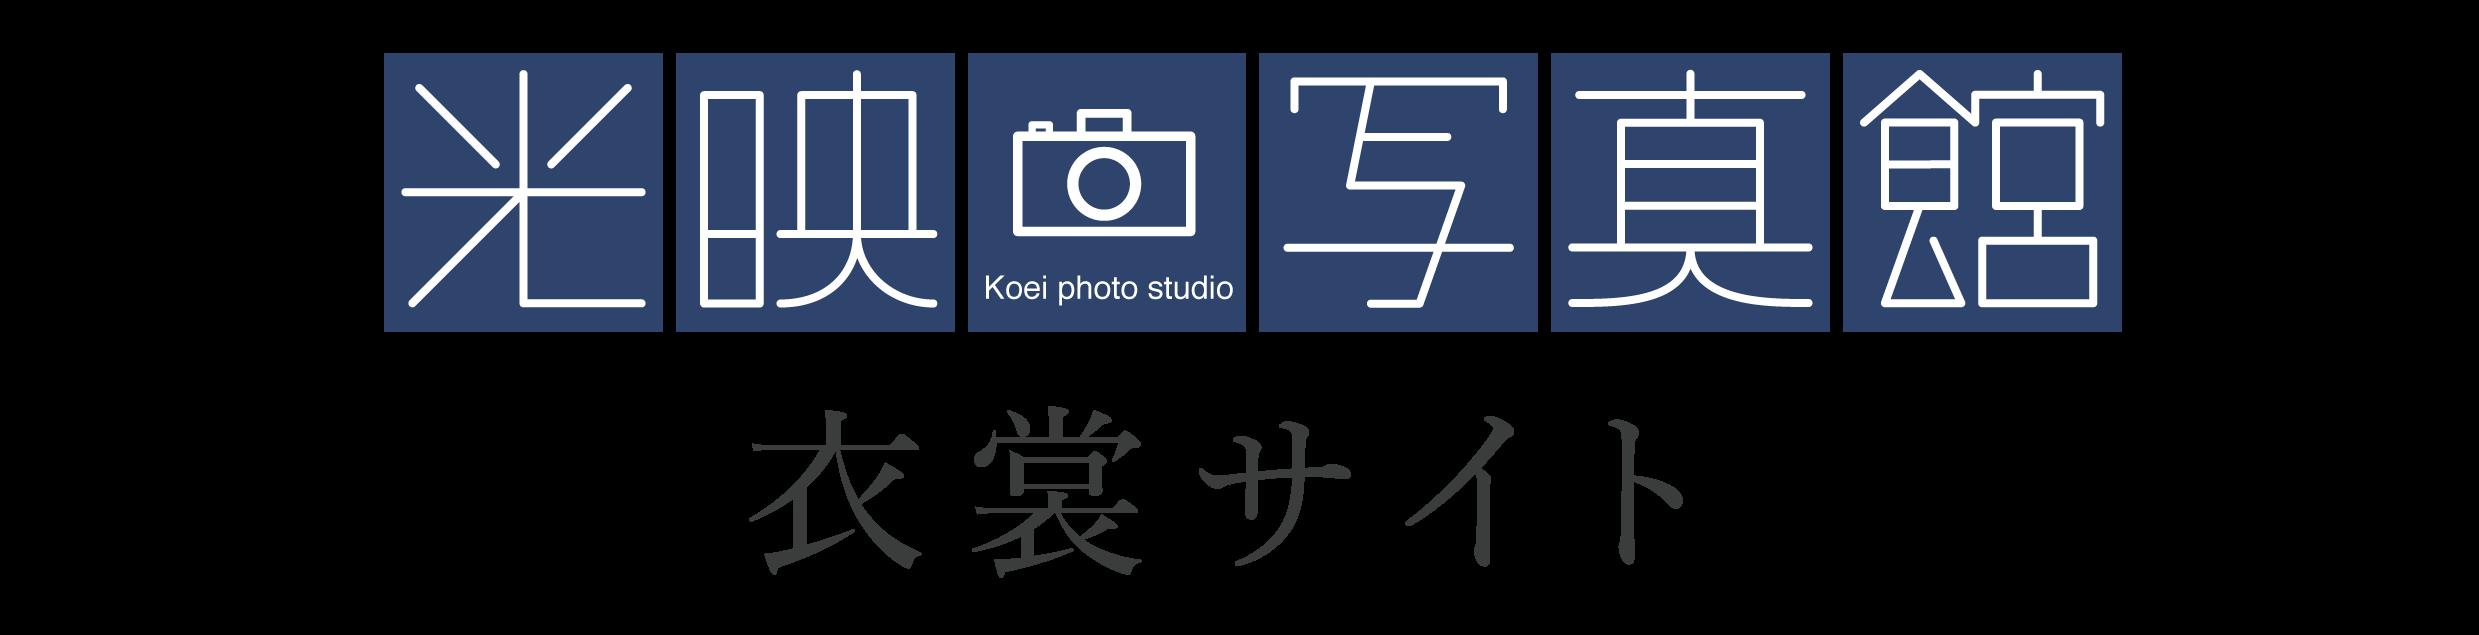 光映写真館衣裳サイト